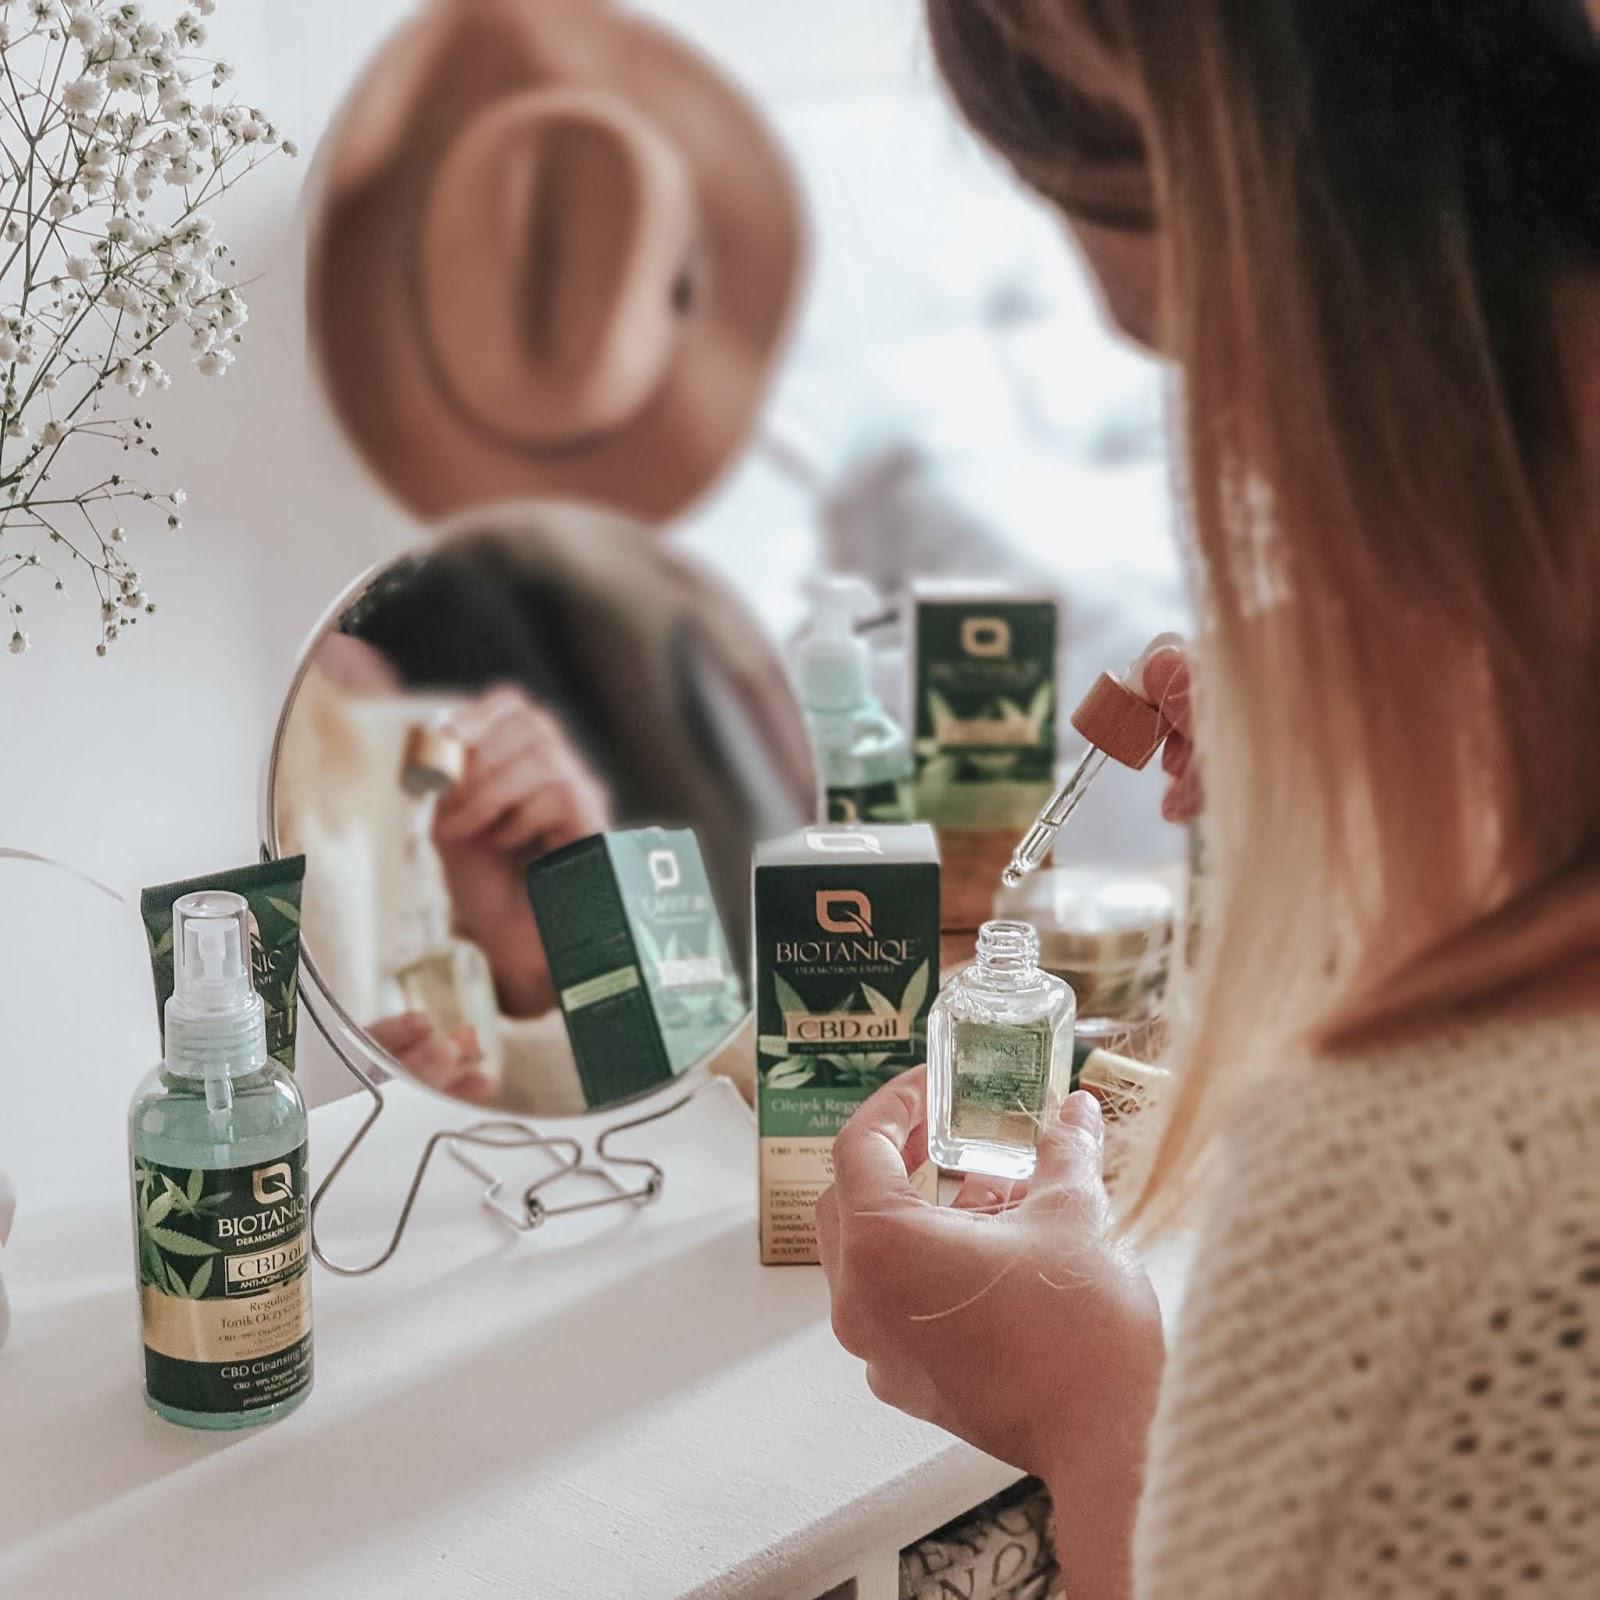 Linia CBD oil - kosmetyki z olejem konopnym od Biotaniqe